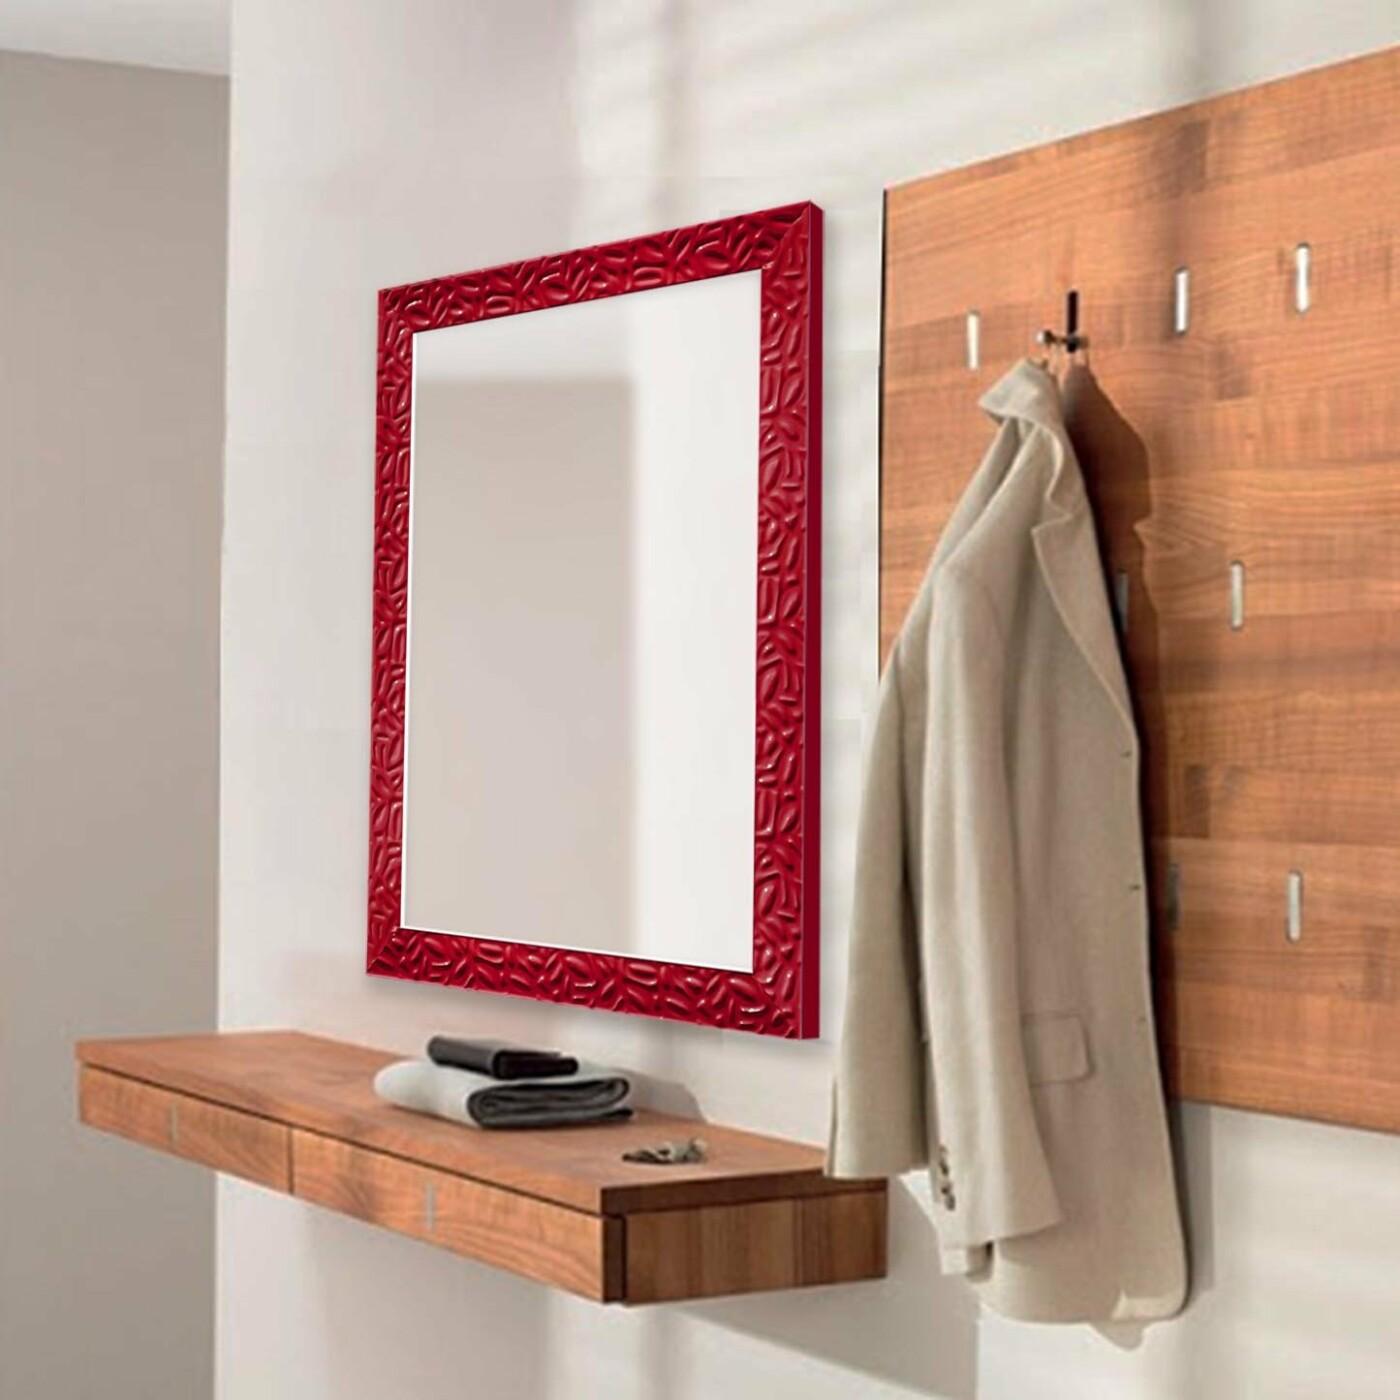 Мечтаете создать в своем доме зеркальное настроение? Интернет-магазин OtragenieUA: Зеркала на заказ от производителя по самым привлекатель..., фото-5